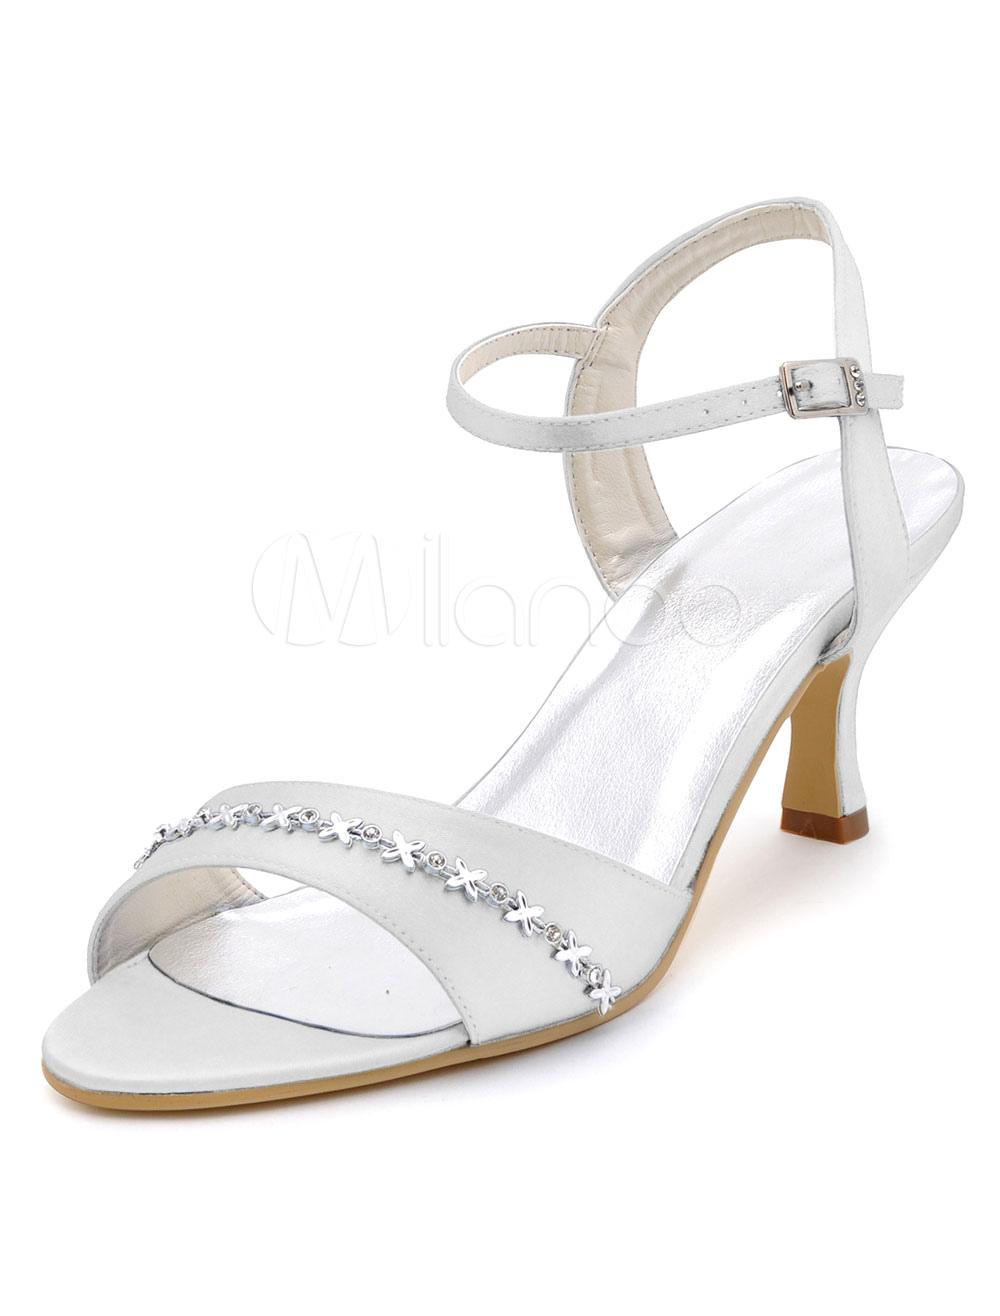 Decoración Zapatos De De Toe Blanco Tacón Nupcial De Alto Sandalias Cadena Boda Abierto Y1q0qd